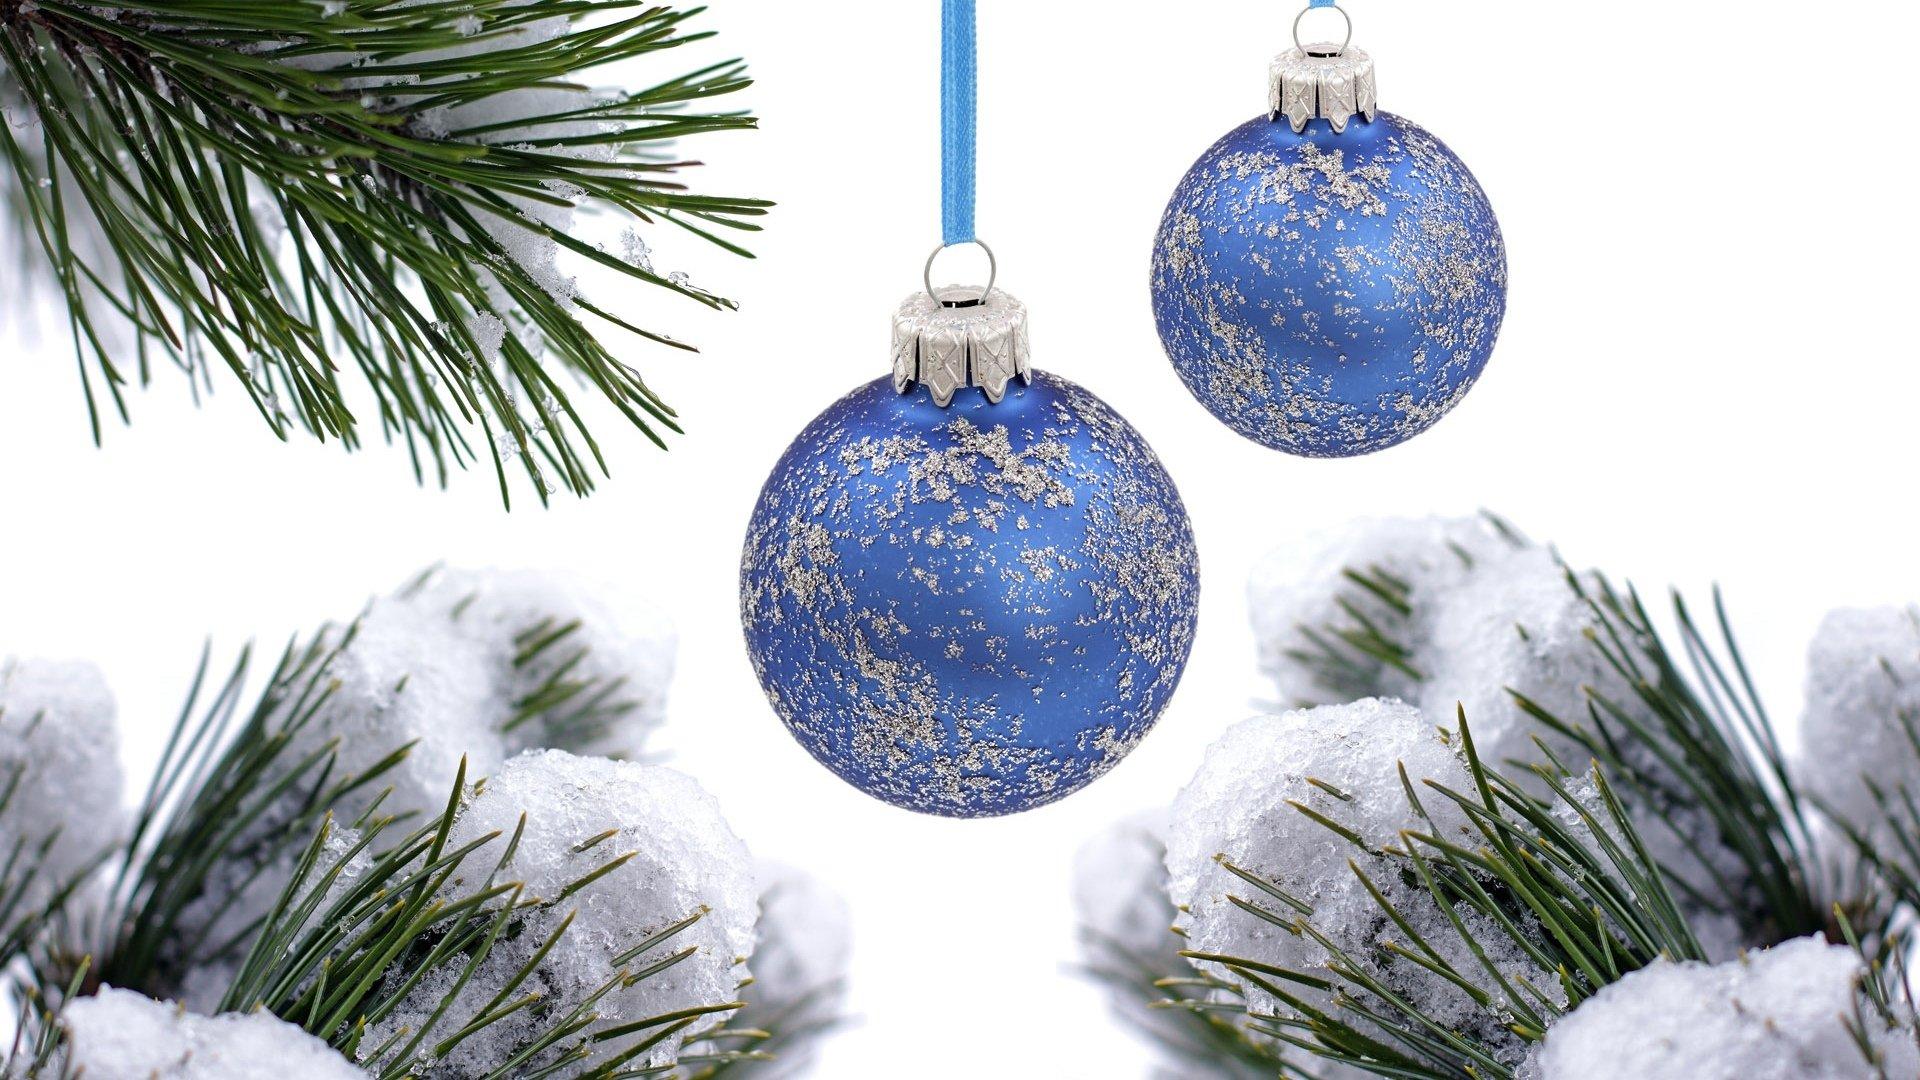 Шарики снег ель новый год Balls snow spruce new year без смс